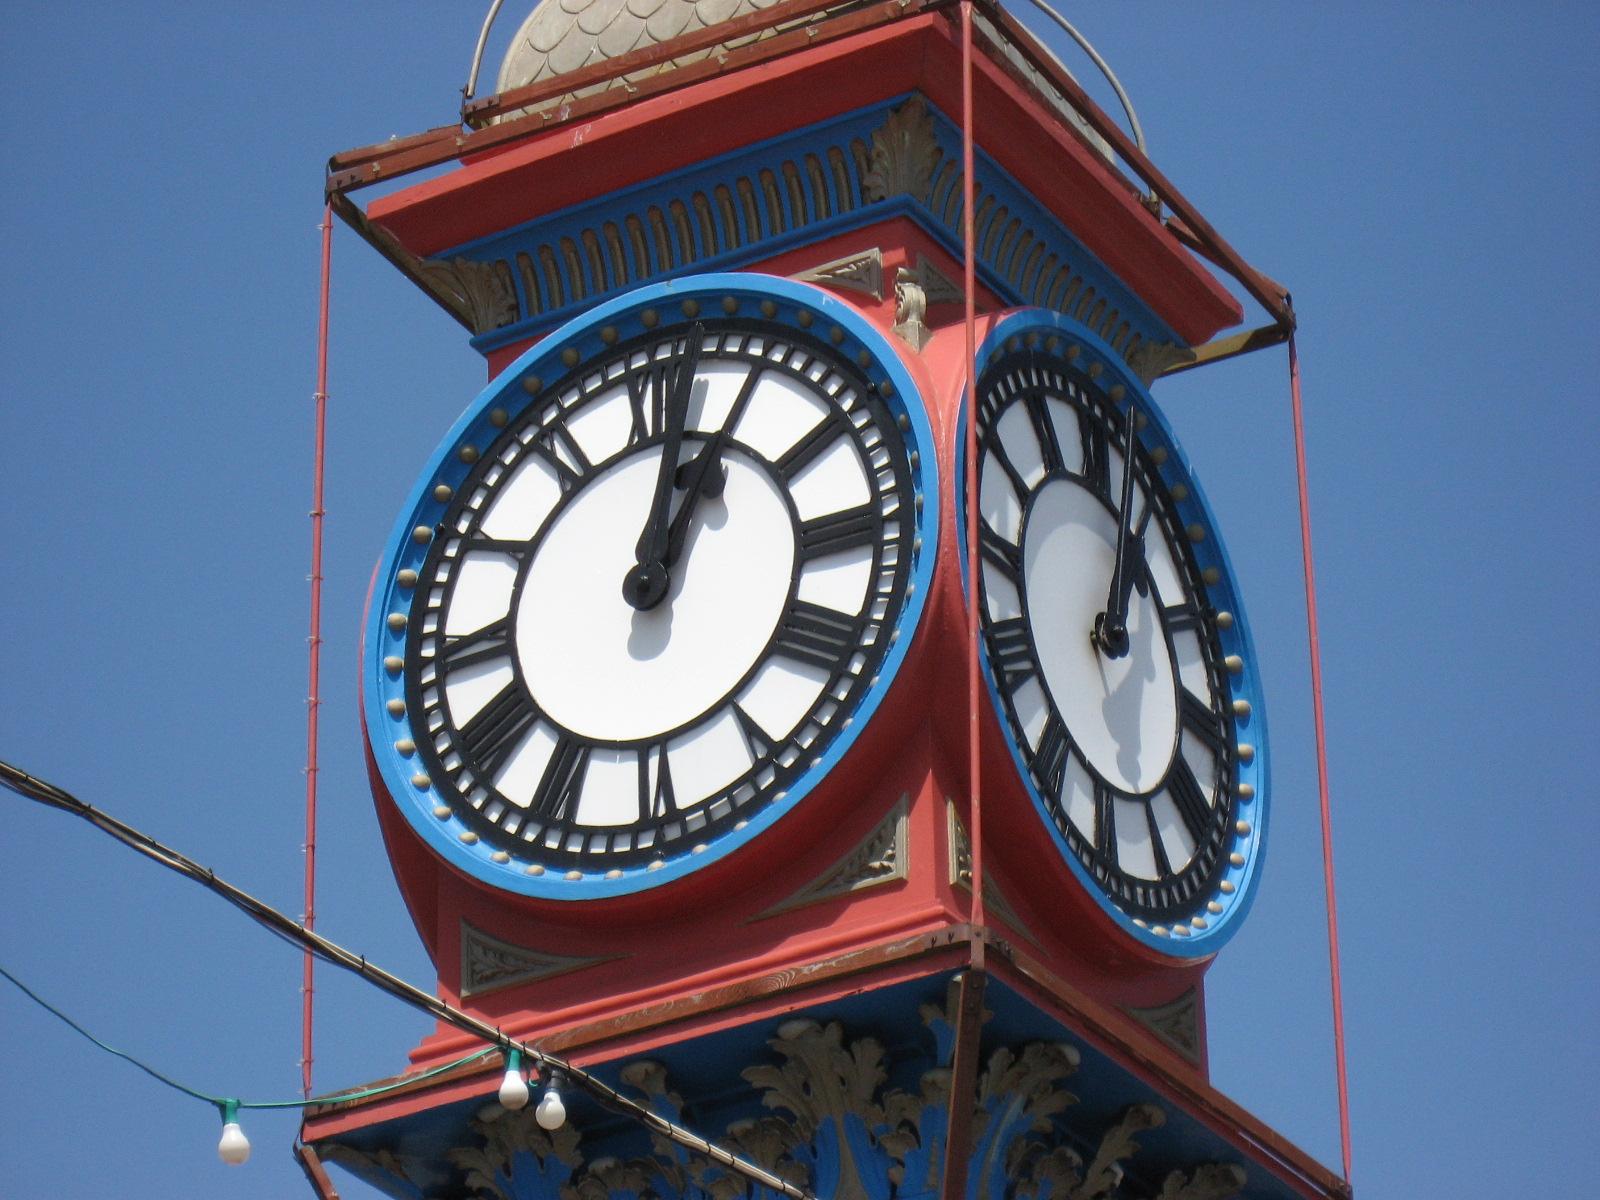 town clock face